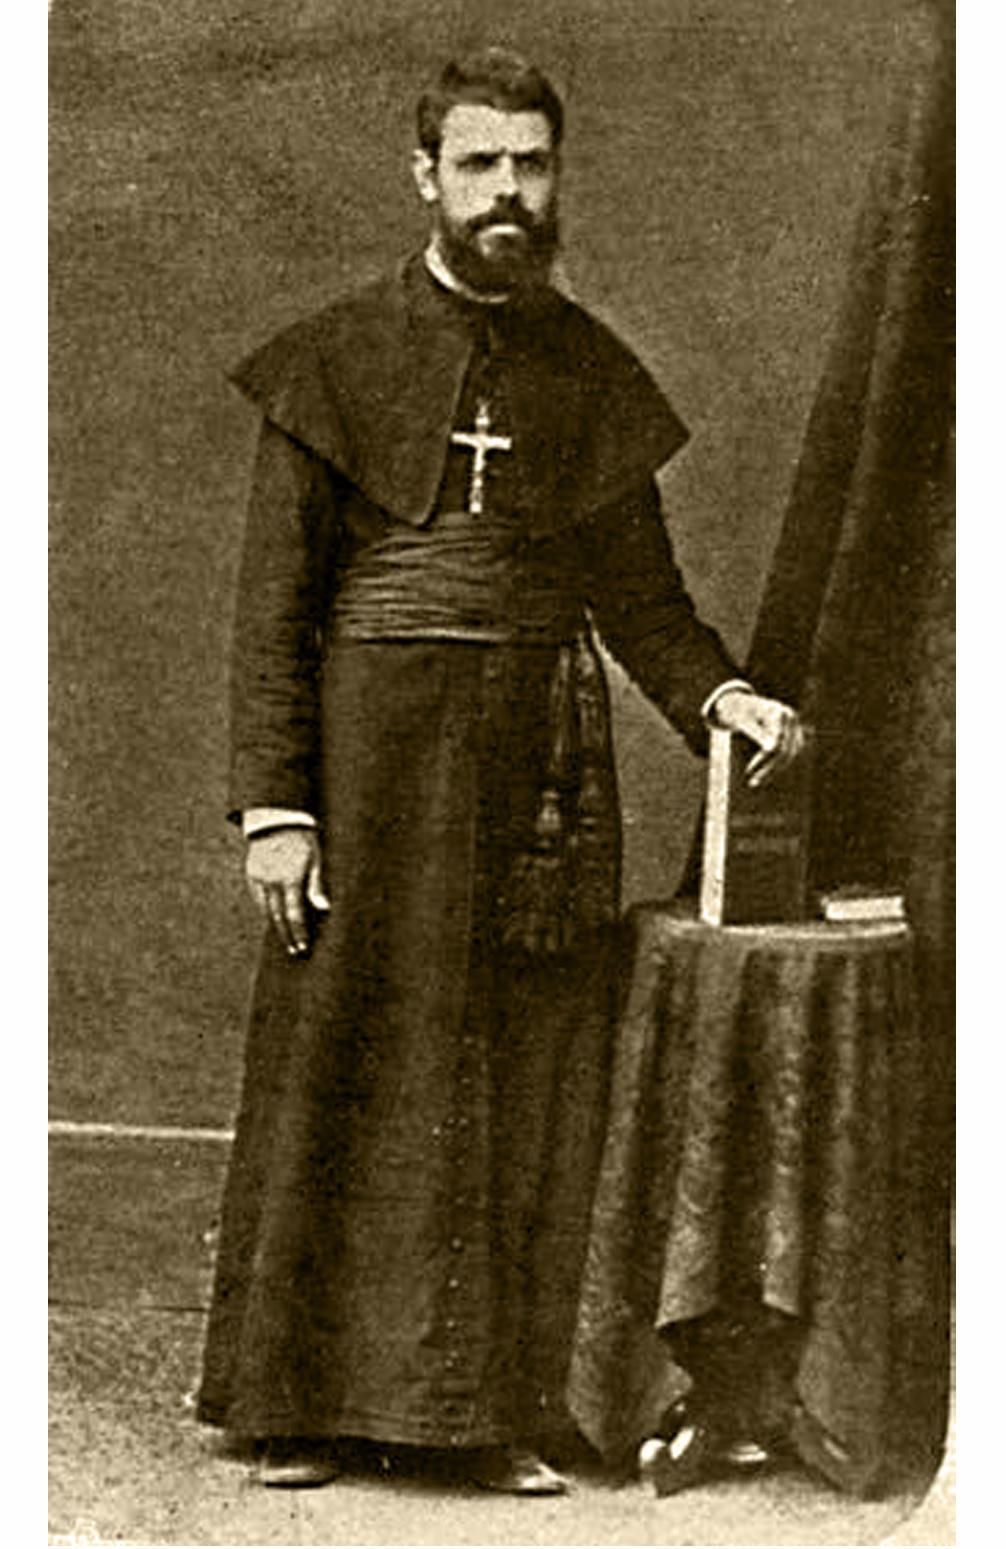 O Padre António Barroso, à partida para as Missões de Angola/Congo, em 1880.